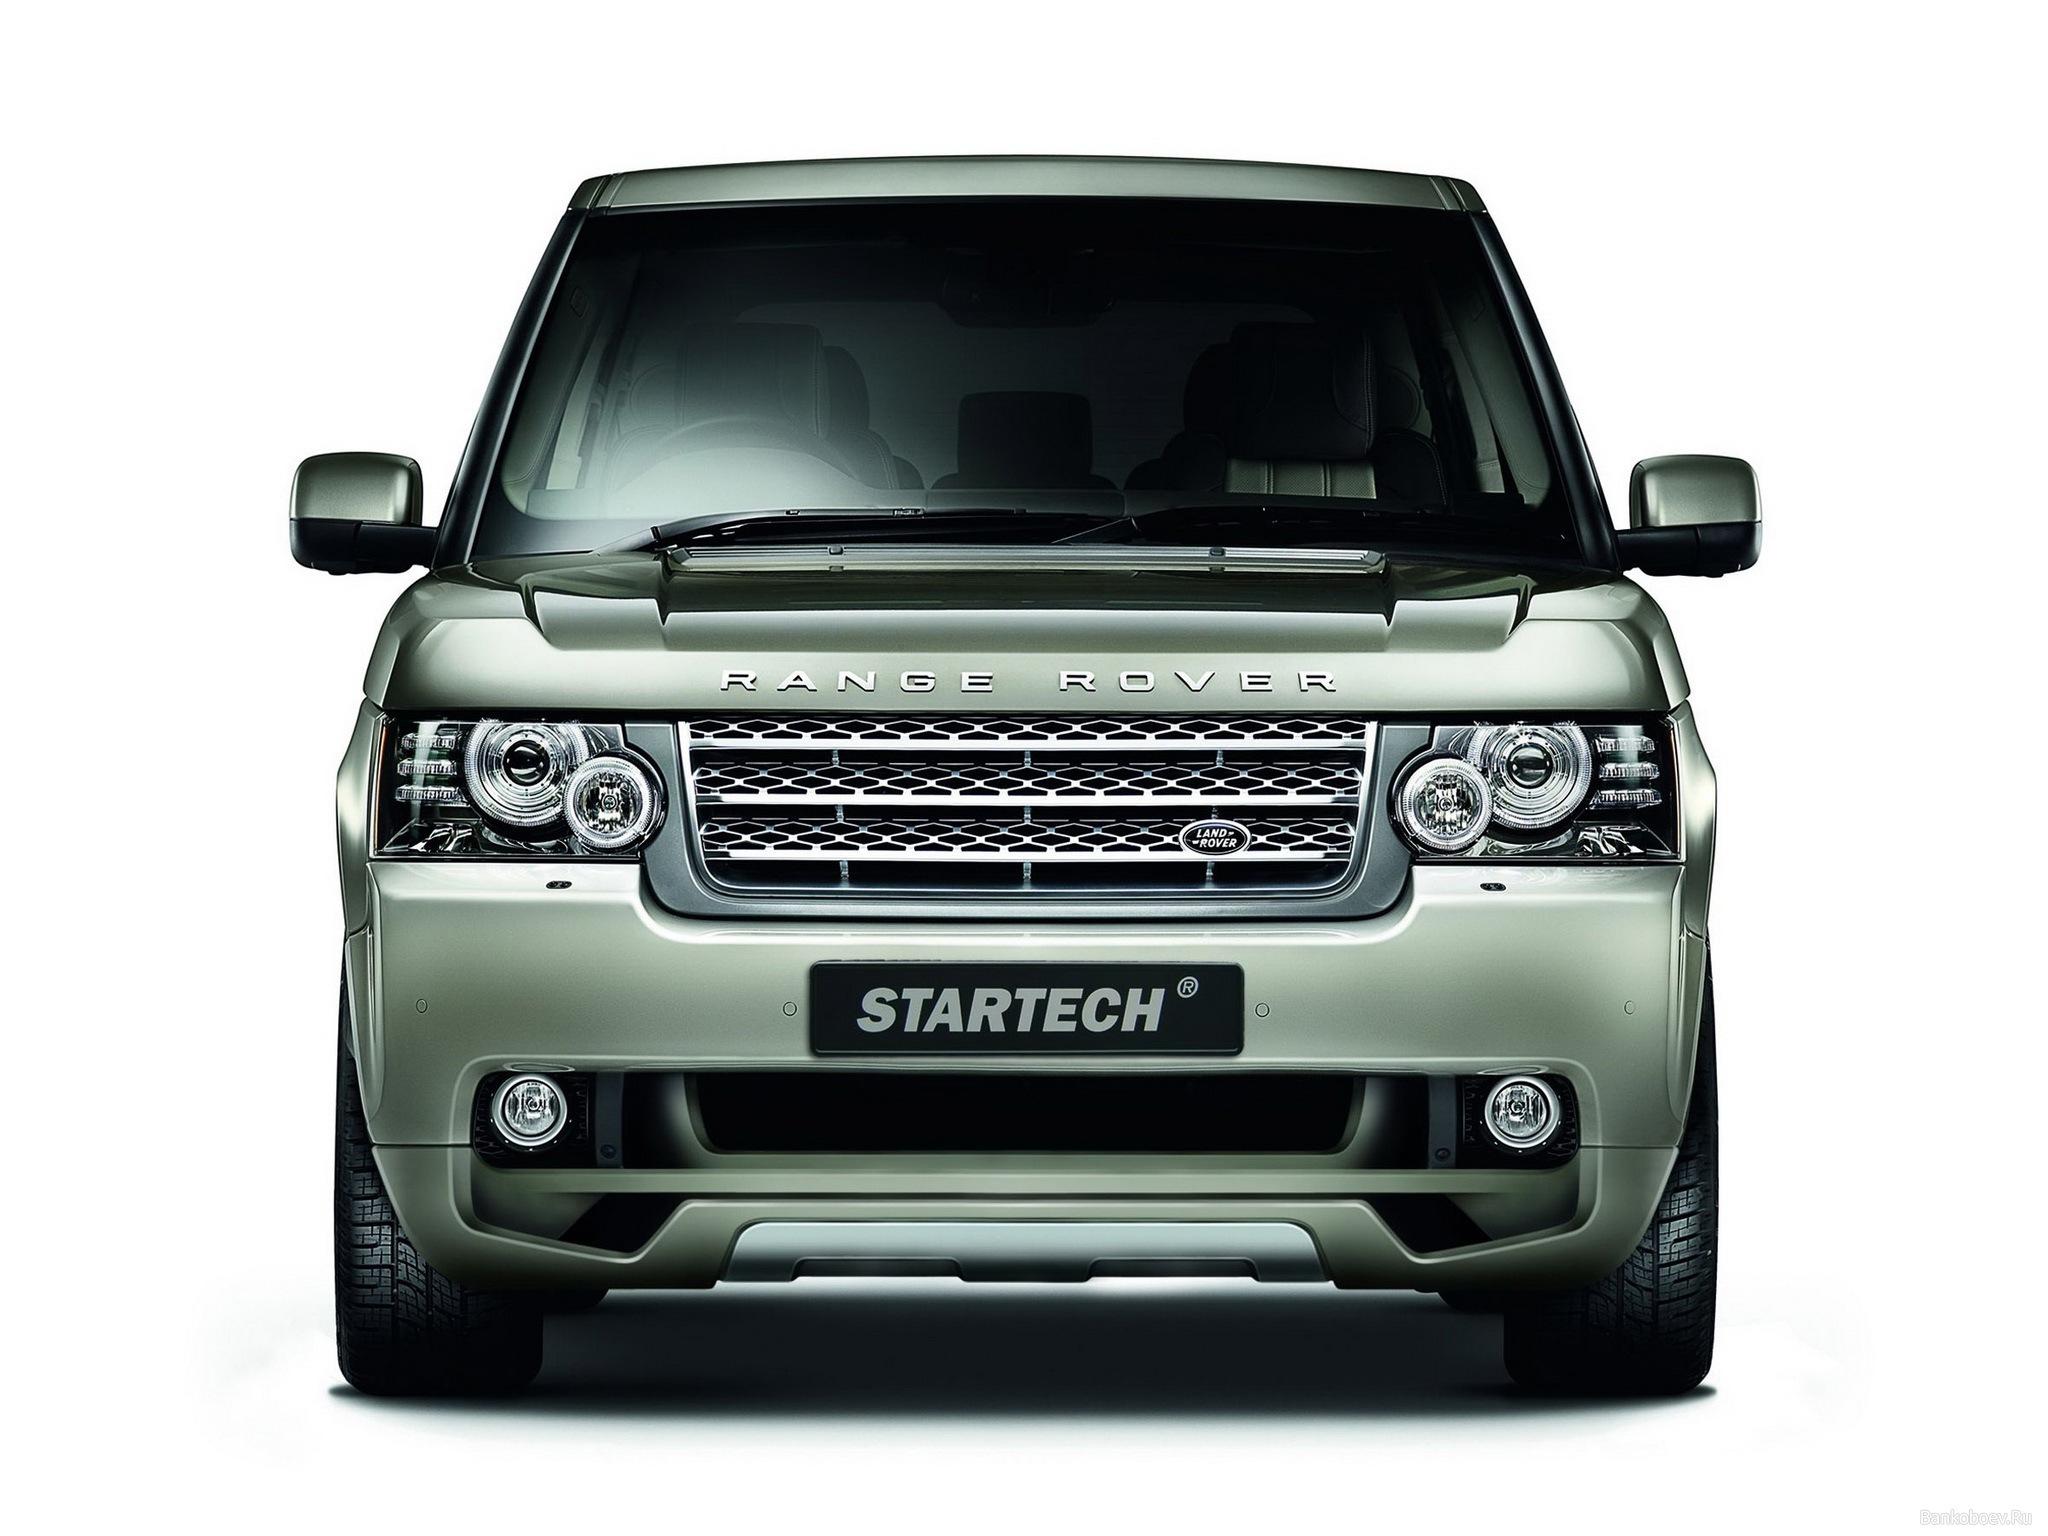 8811 скачать обои Транспорт, Машины, Рендж Ровер (Range Rover) - заставки и картинки бесплатно